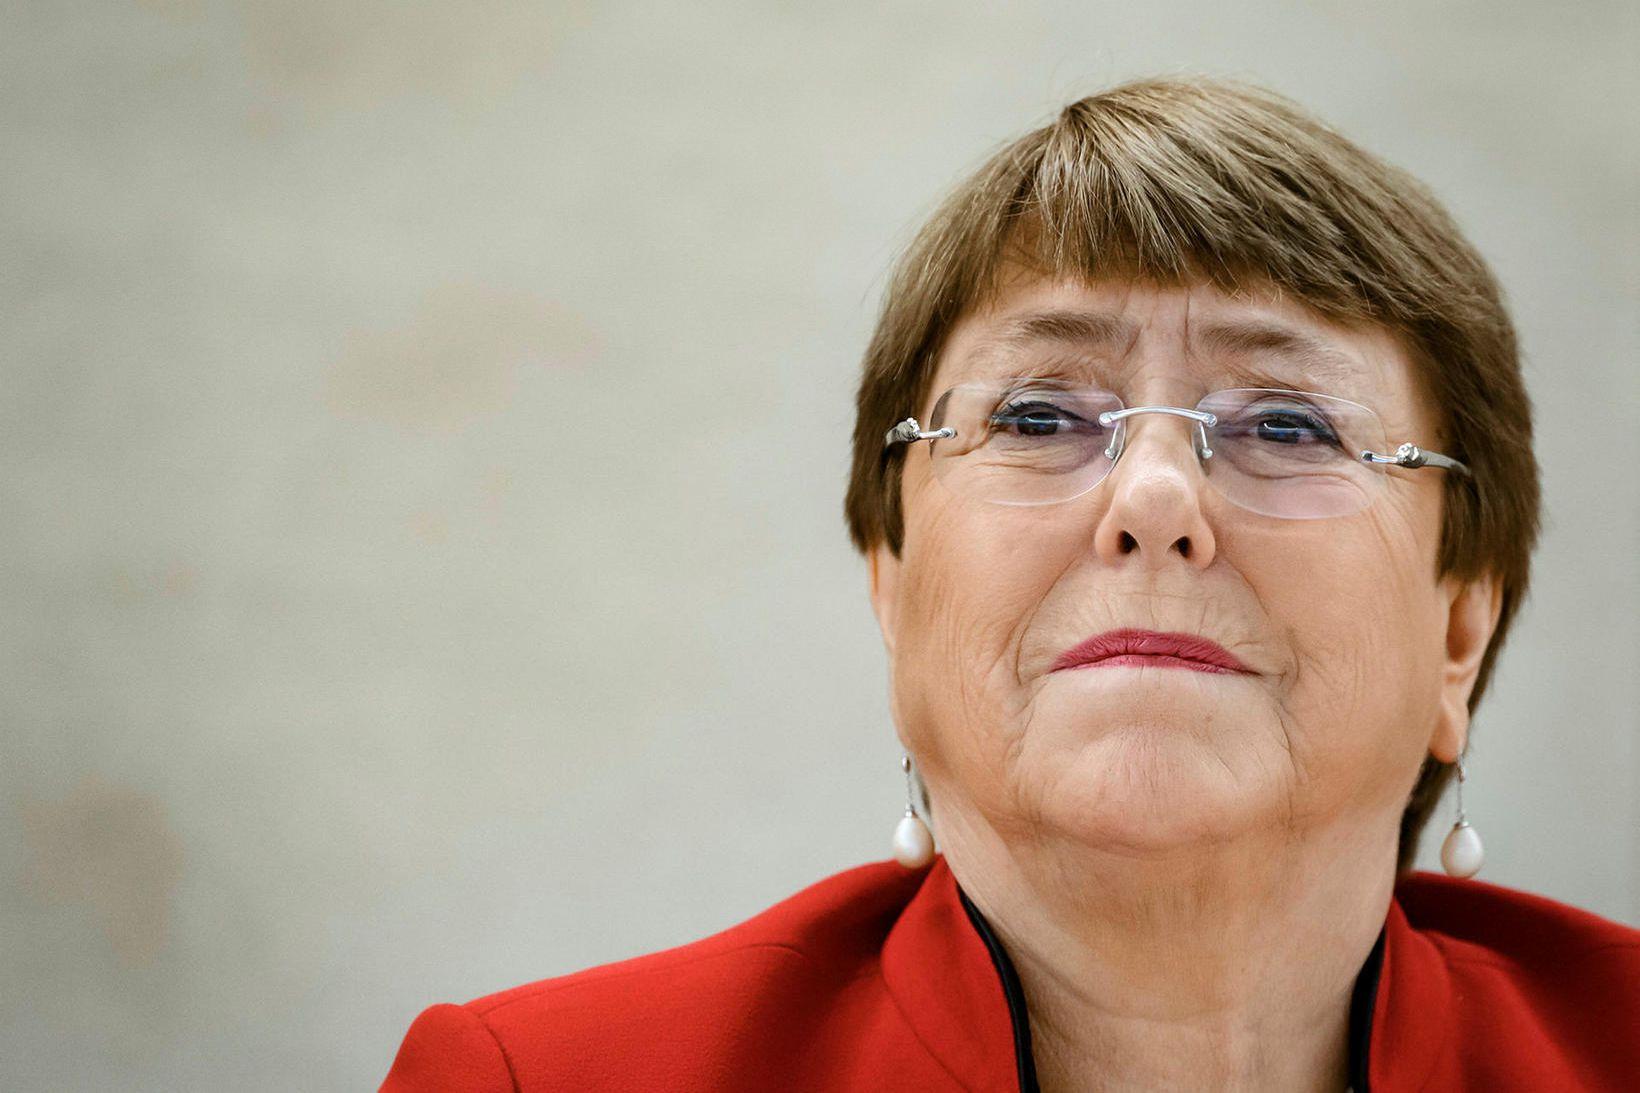 Michelle Bachelet segir mikilvægt að vernda viðkvæma fanga fyrir veirunni.